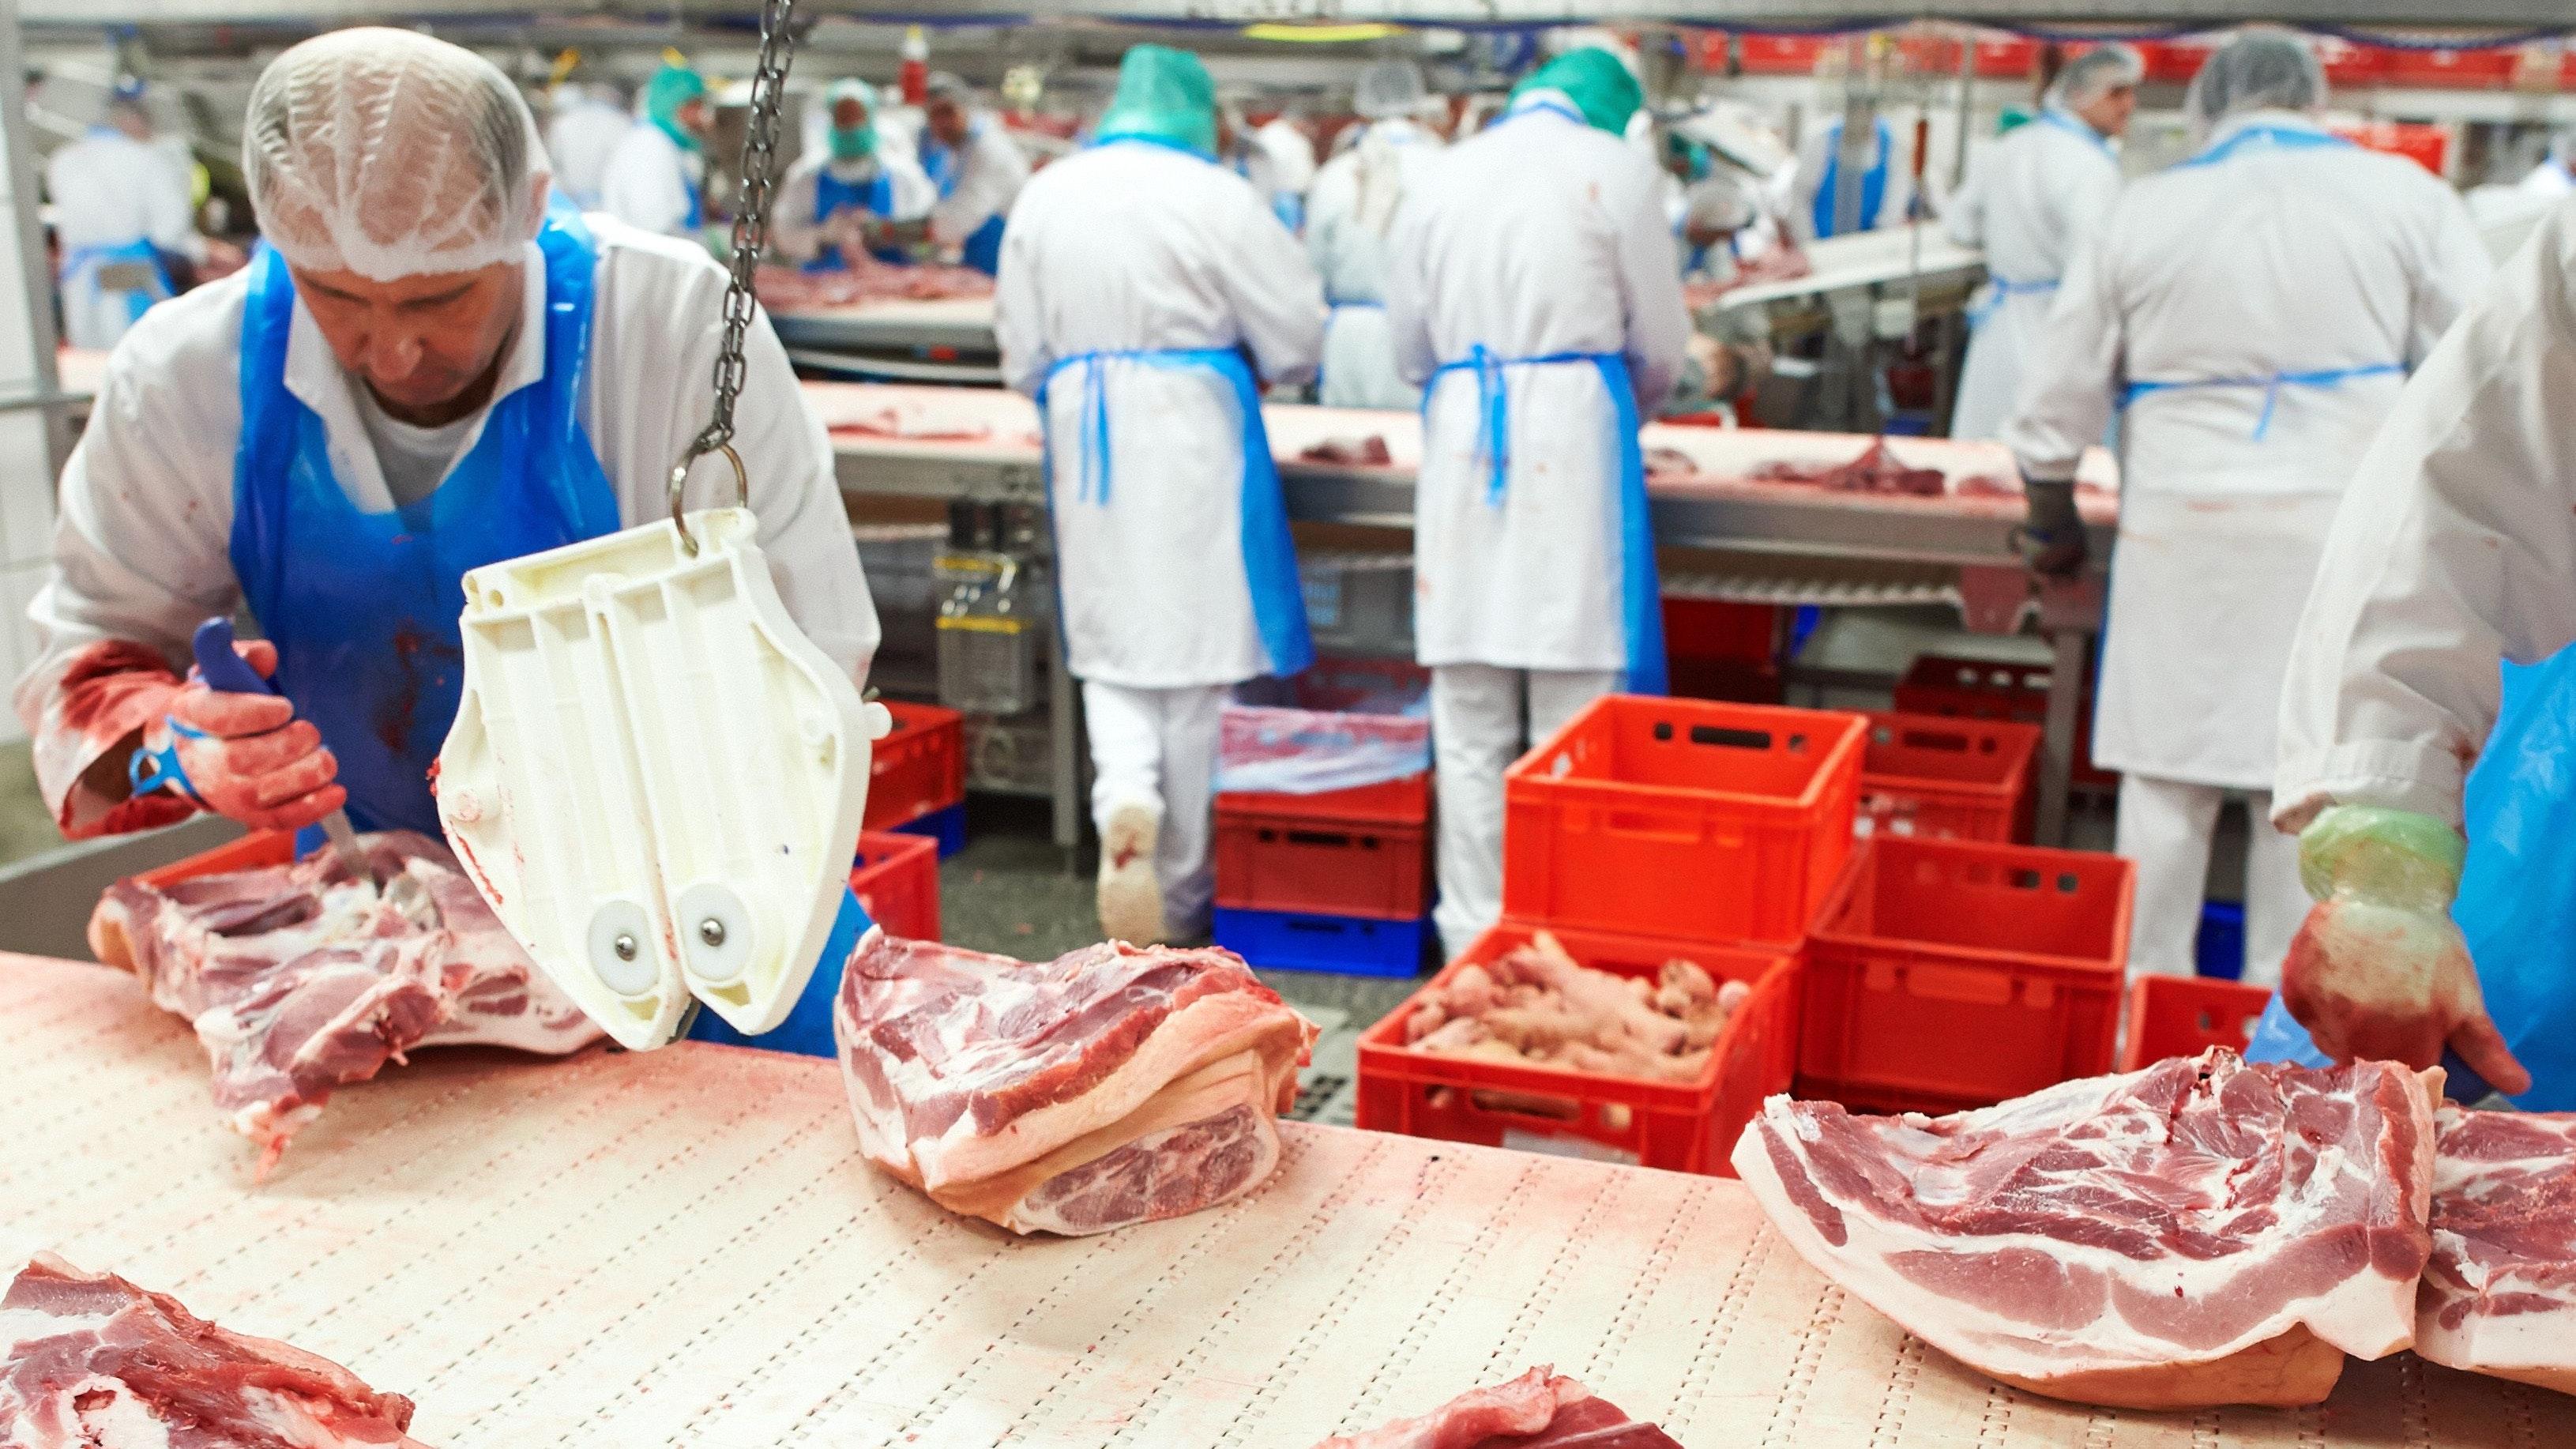 Arbeiter in der Fleischindustrie sollen mehr Geld bekommen. Foto: dpa/Thissen